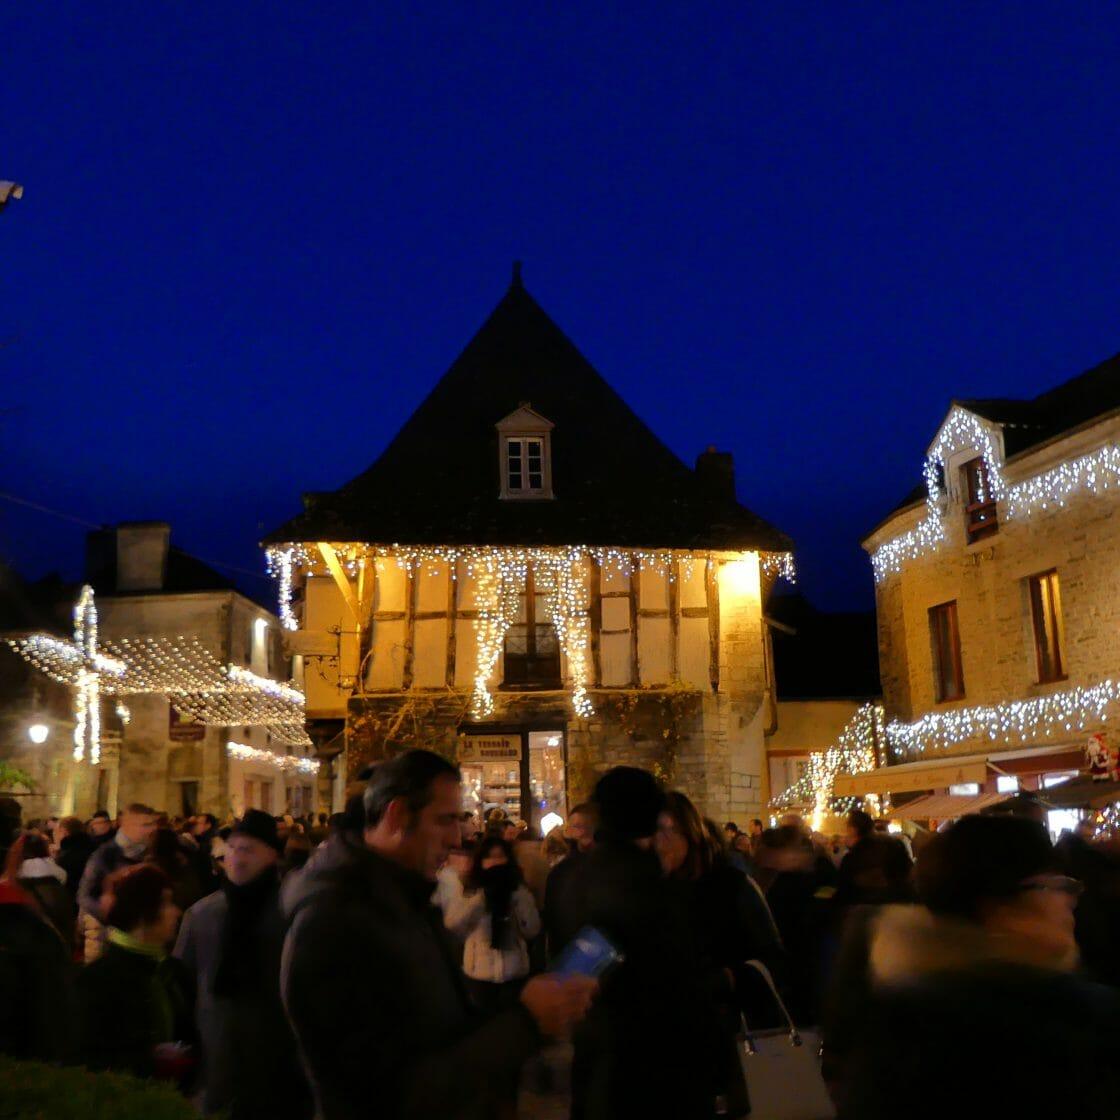 Les illuminations de no l 2017 rochefort en terre - Illumination noel paris 2017 ...